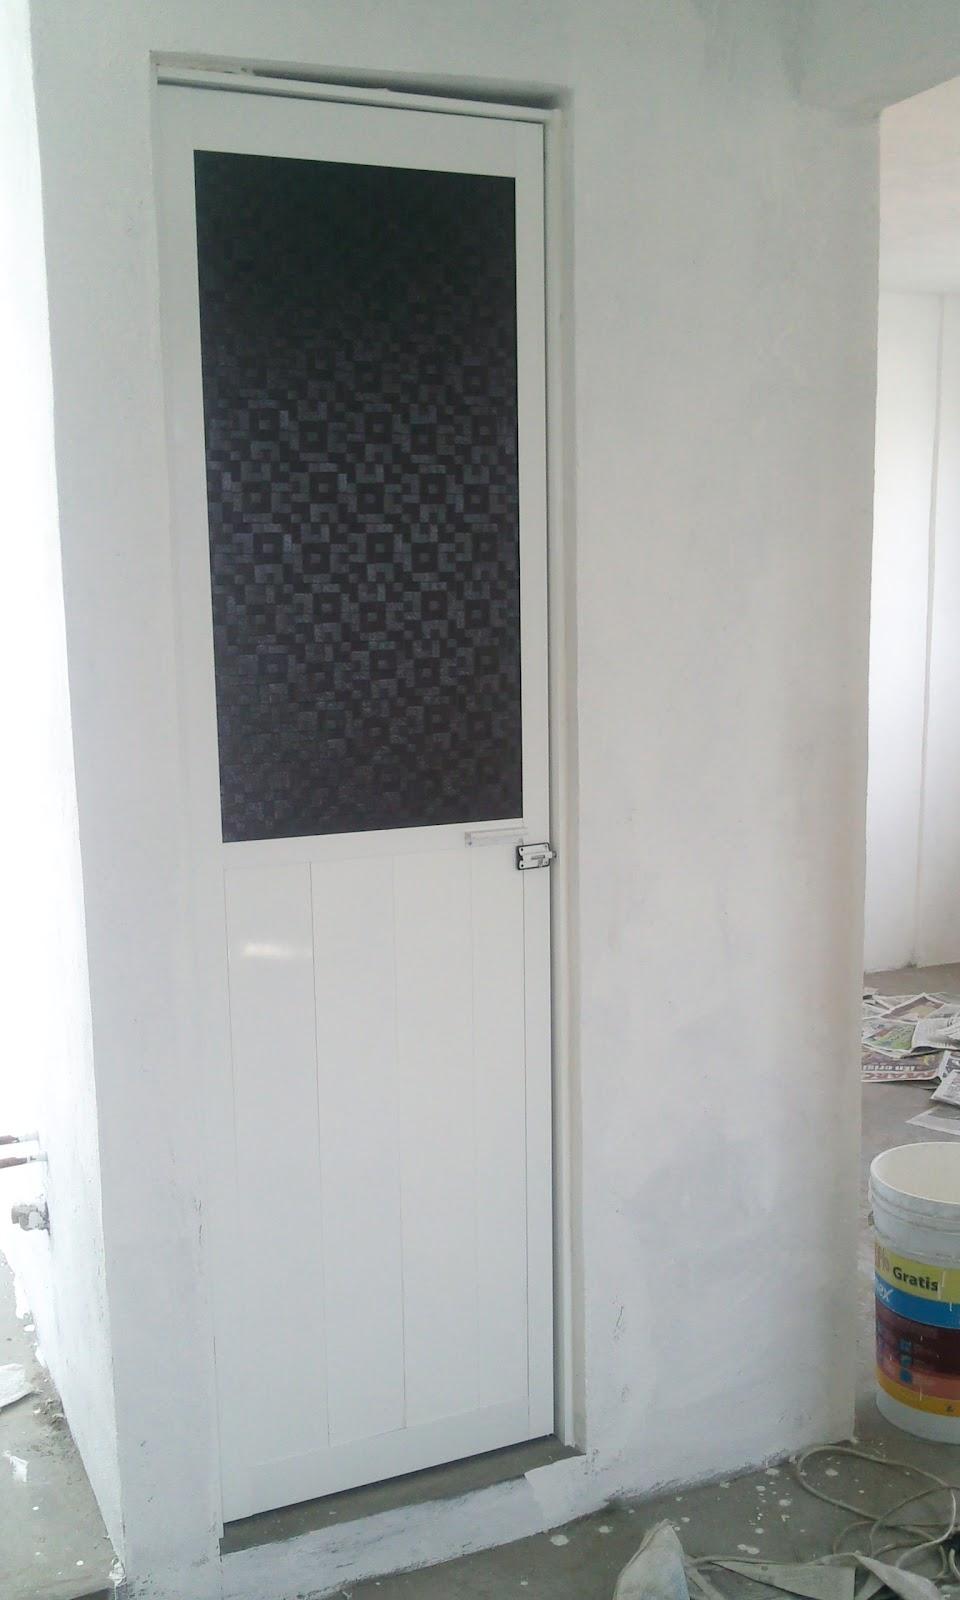 Imagenes De Puertas Para Baño De Aluminio: una imagen inadecuada url de la imagen puerta de aluminio para baño